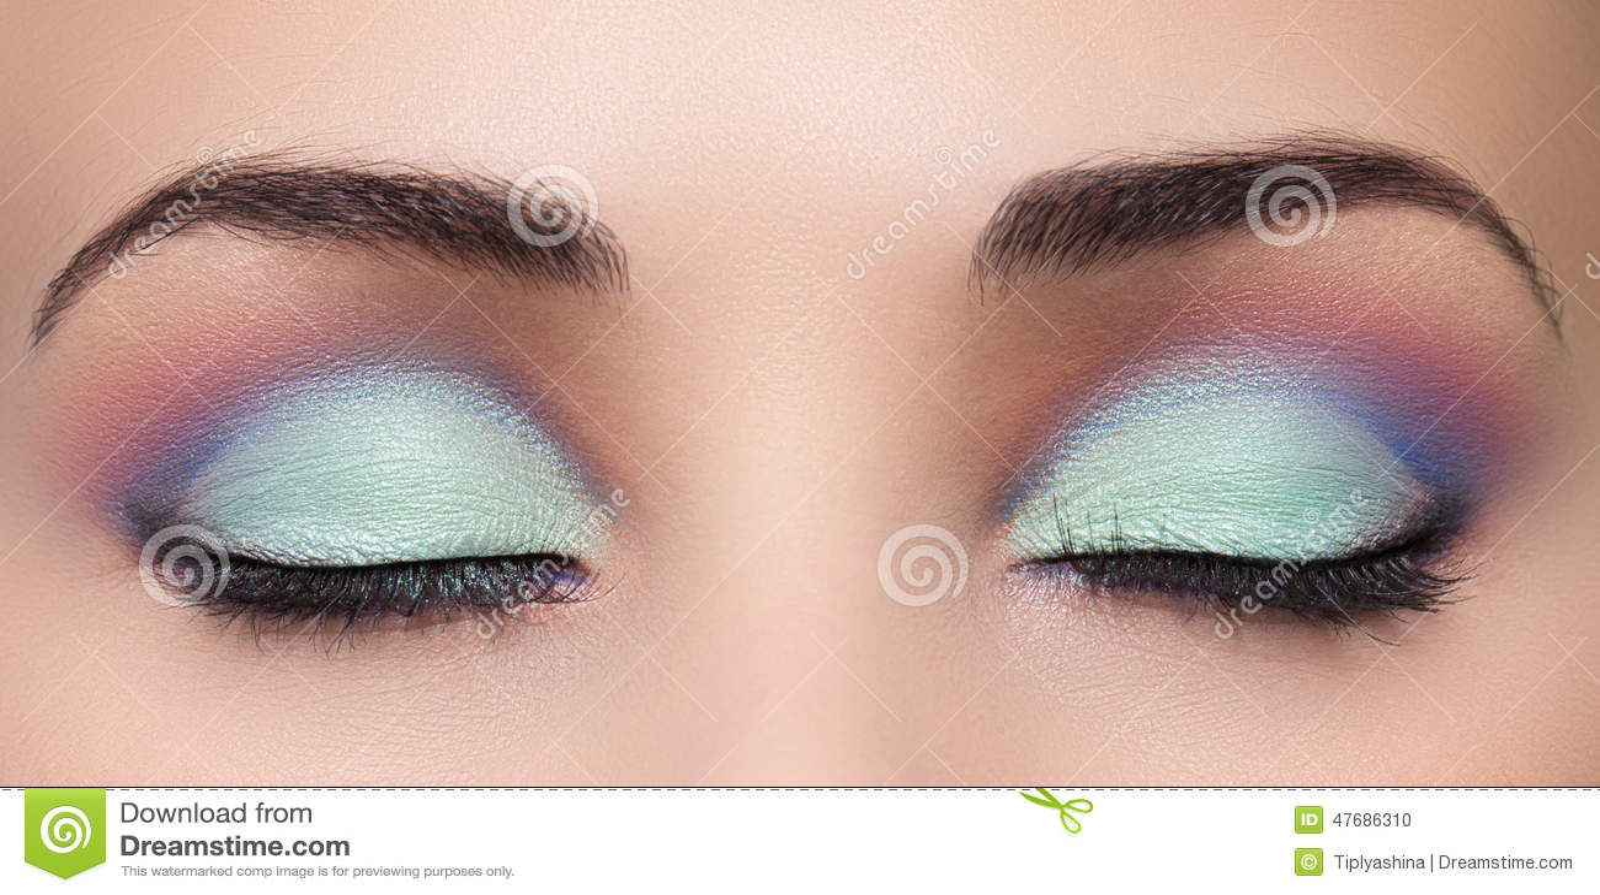 closeup of beautiful woman eye with makeup stock photo